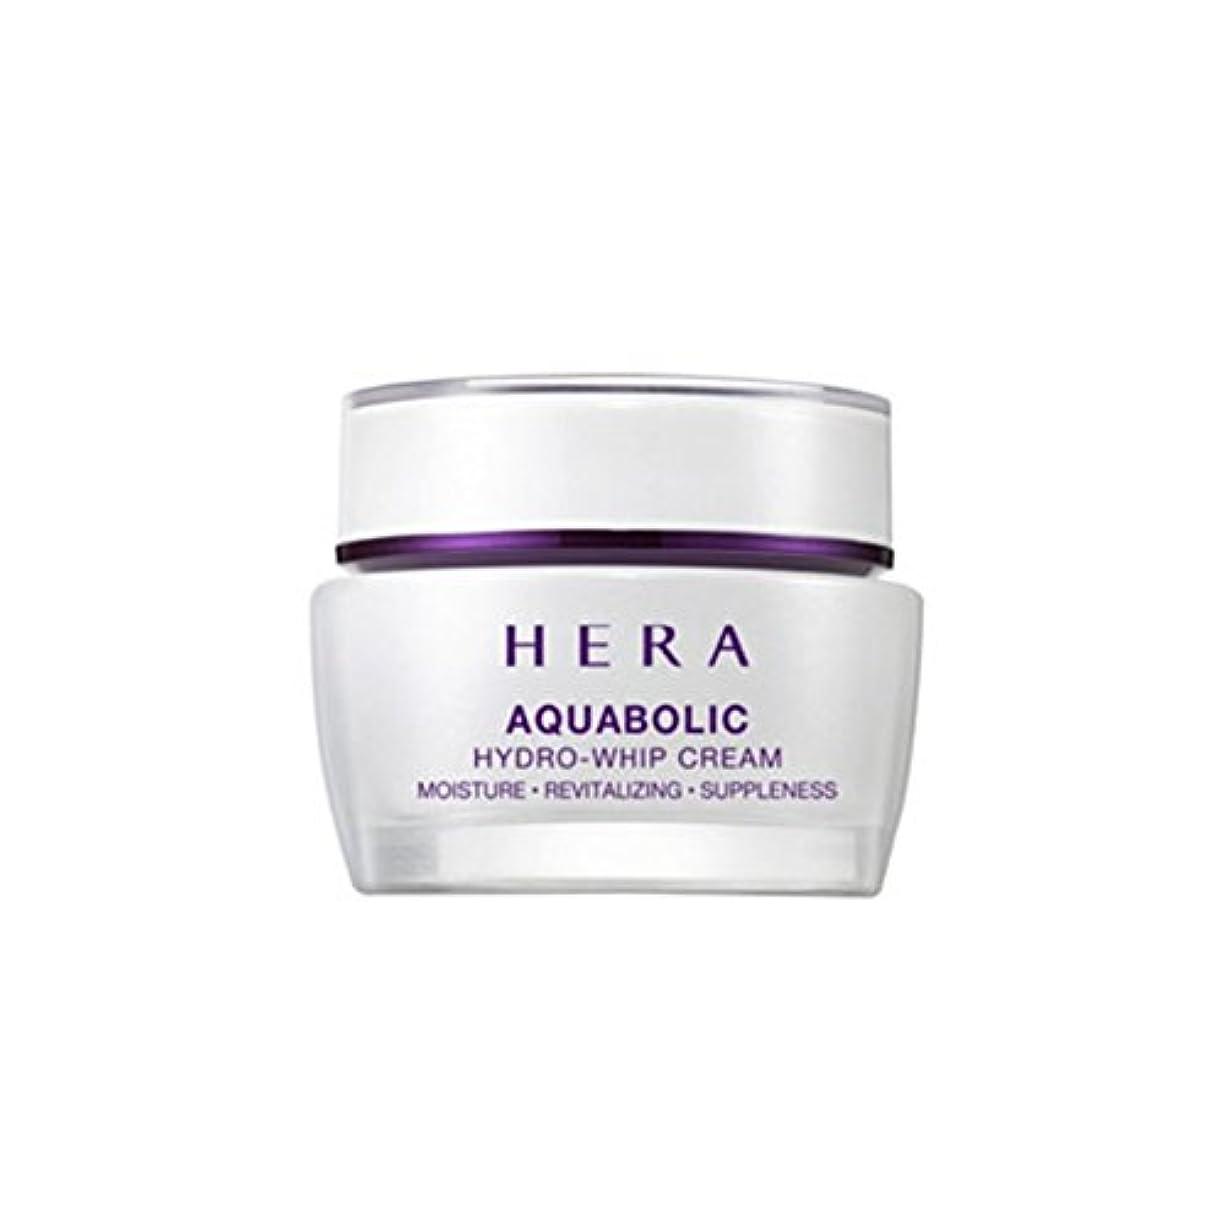 (ヘラ) HERA Aquabolic Hydro-Whip Cream アクアボリックハイドロホイップ クリーム (韓国直発送) oopspanda